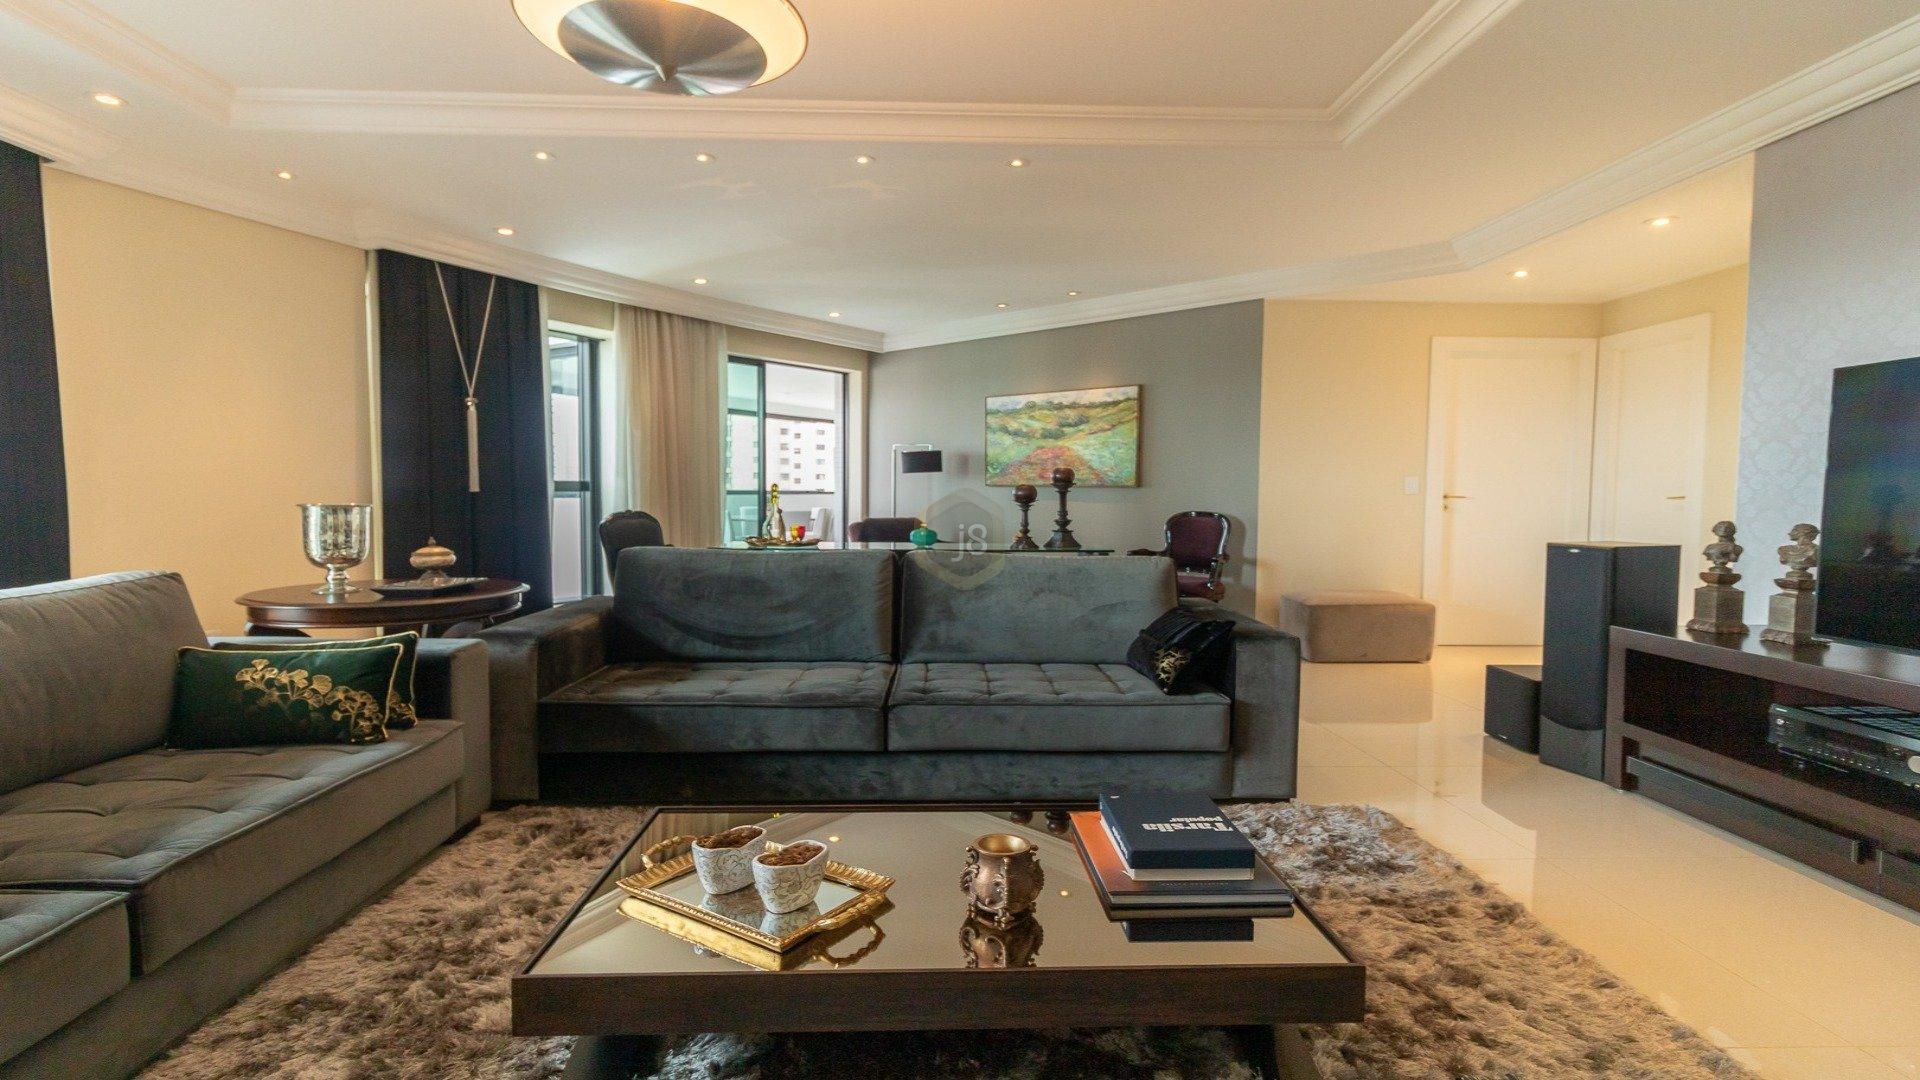 Foto de destaque Belíssimo apartamento no mossunguê